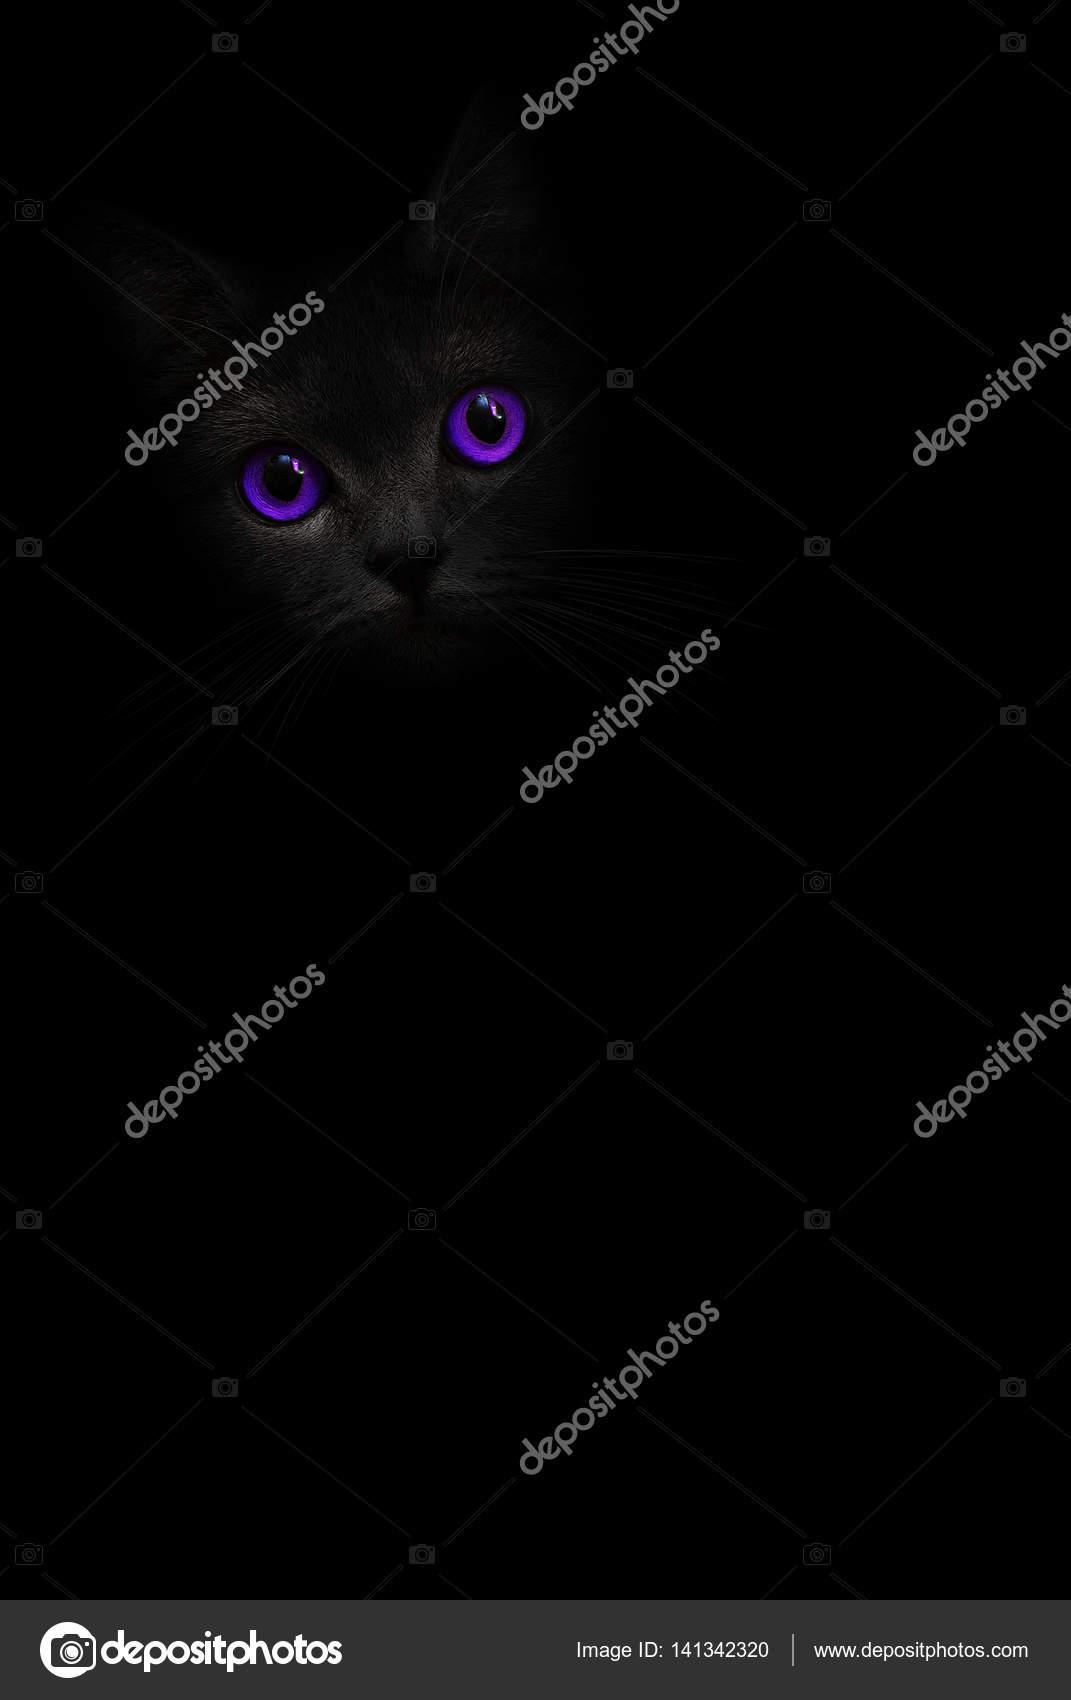 63c5888204166 Gato preto com olhos violetas está olhando para fora da sombra sobre o  fundo preto.